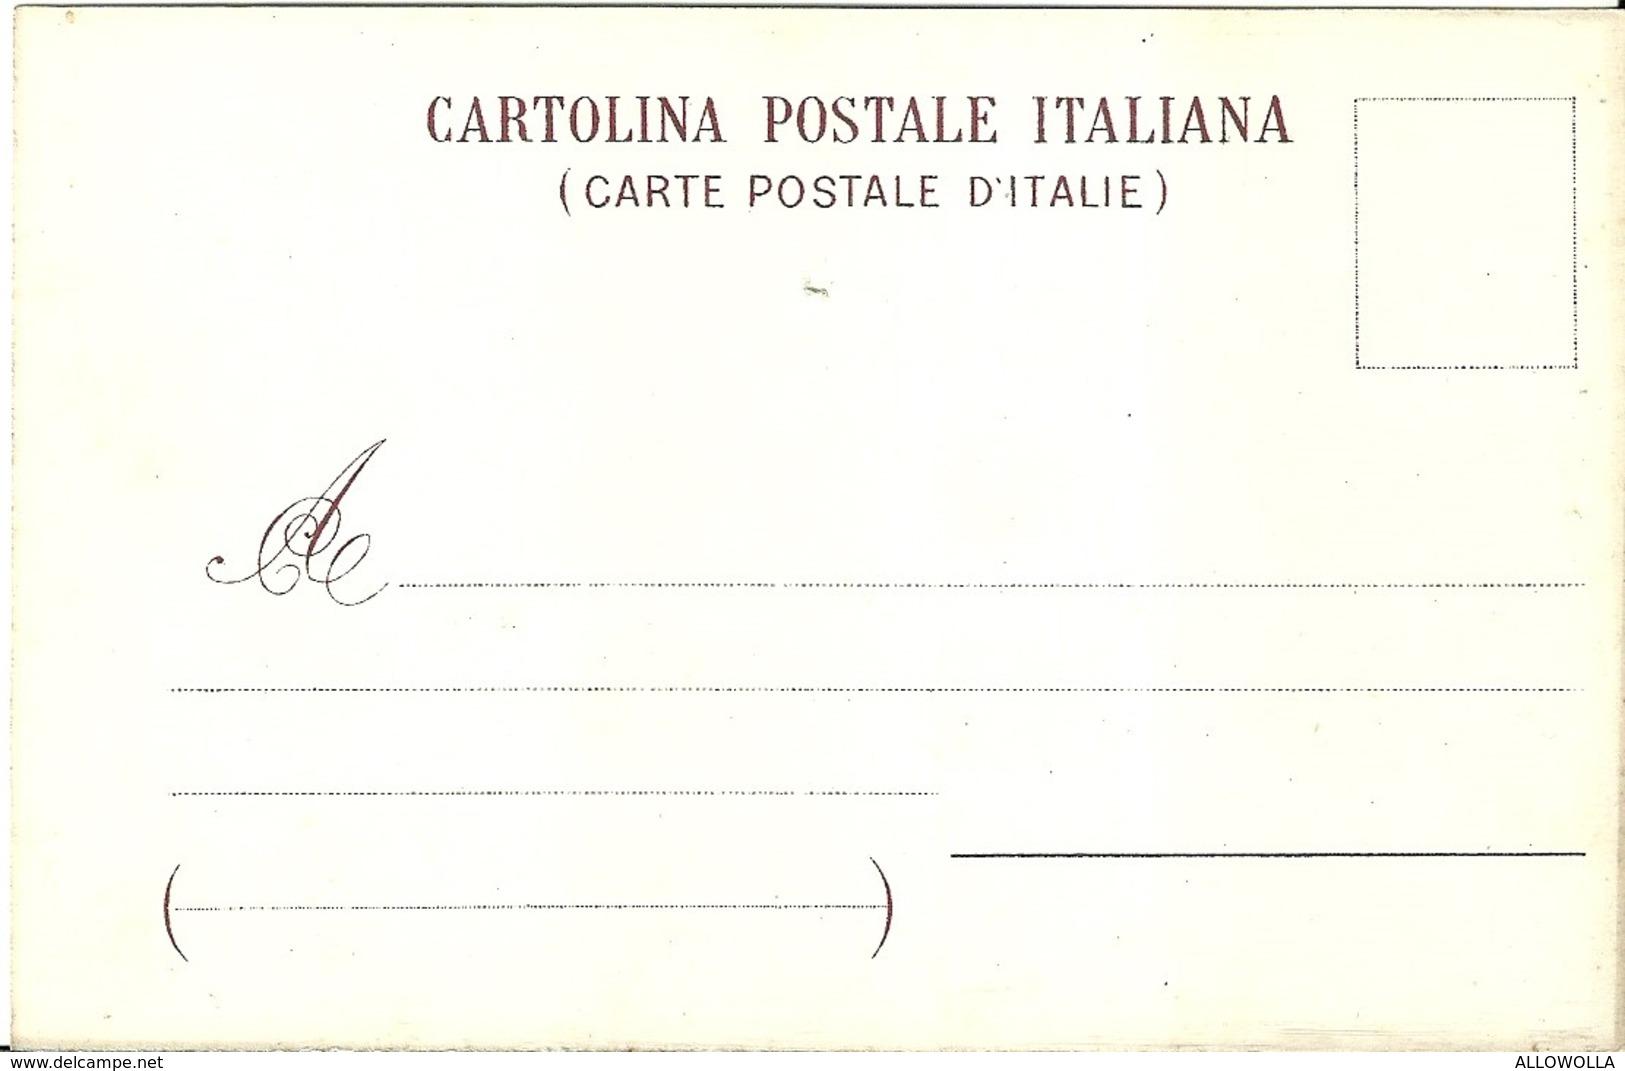 """2729 """" MEDAGLIERE NAZIONALE ITALIANO - ORDINI EQUESTRI """" CARTOLINA POSTALE ORIGINALE NON SPEDITA - Militaria"""